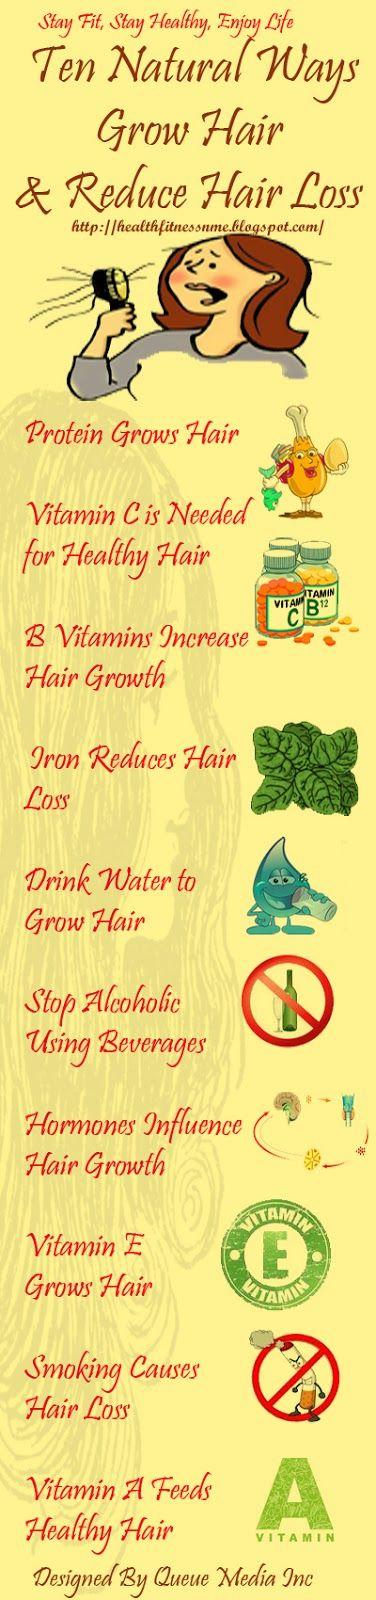 Ten Natural Ways to Grow Hair and Reduce Hair Loss. #hair #alcohol #smoking #vitamins #protien #water